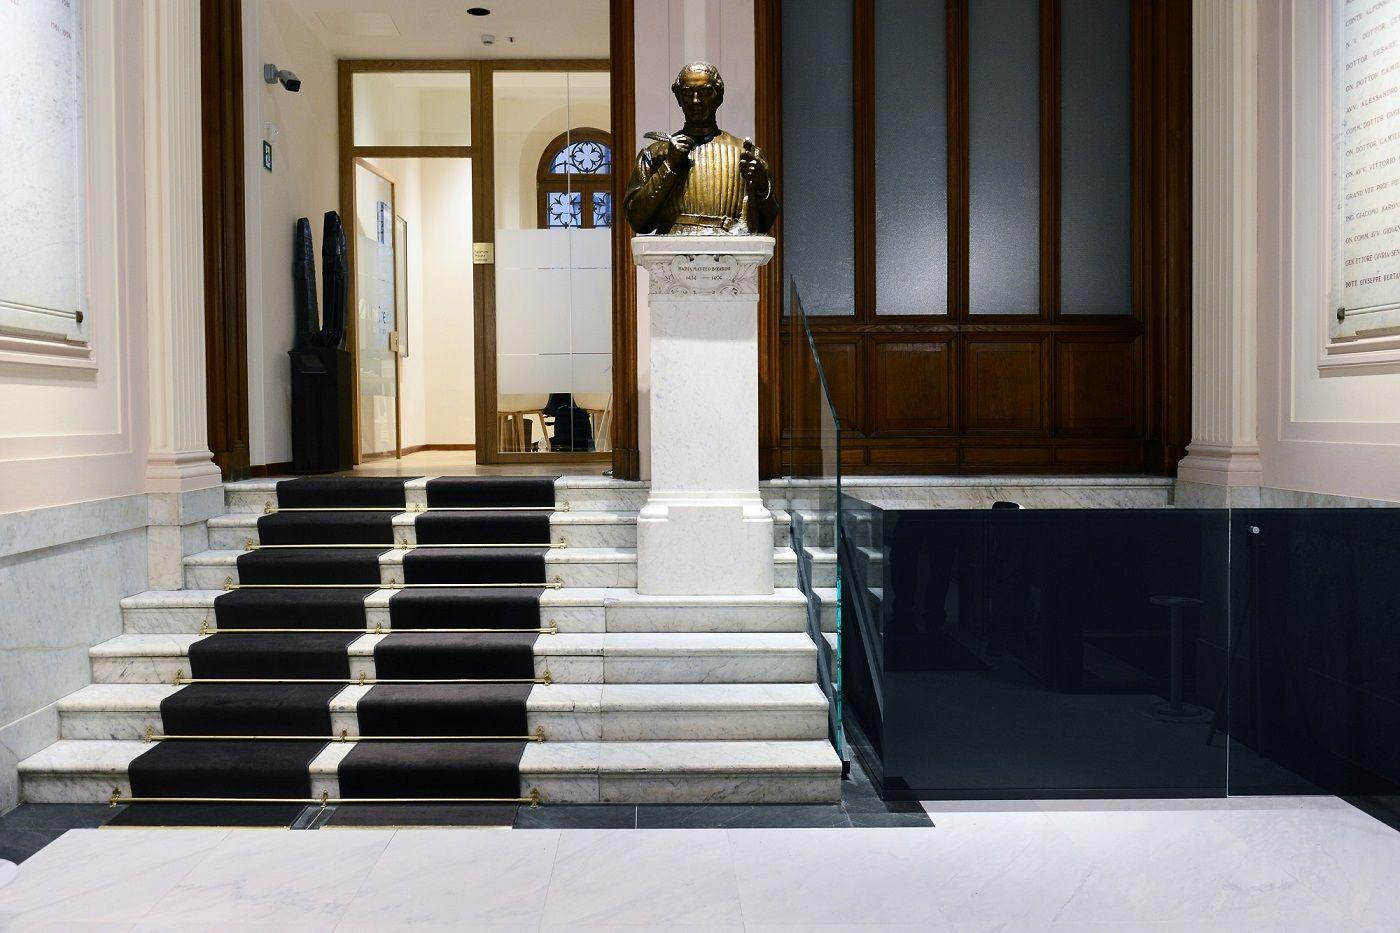 Flooring s r l unicredit reggio emilia palazzo pratonieri for Bagnoli s r l reggio emilia re